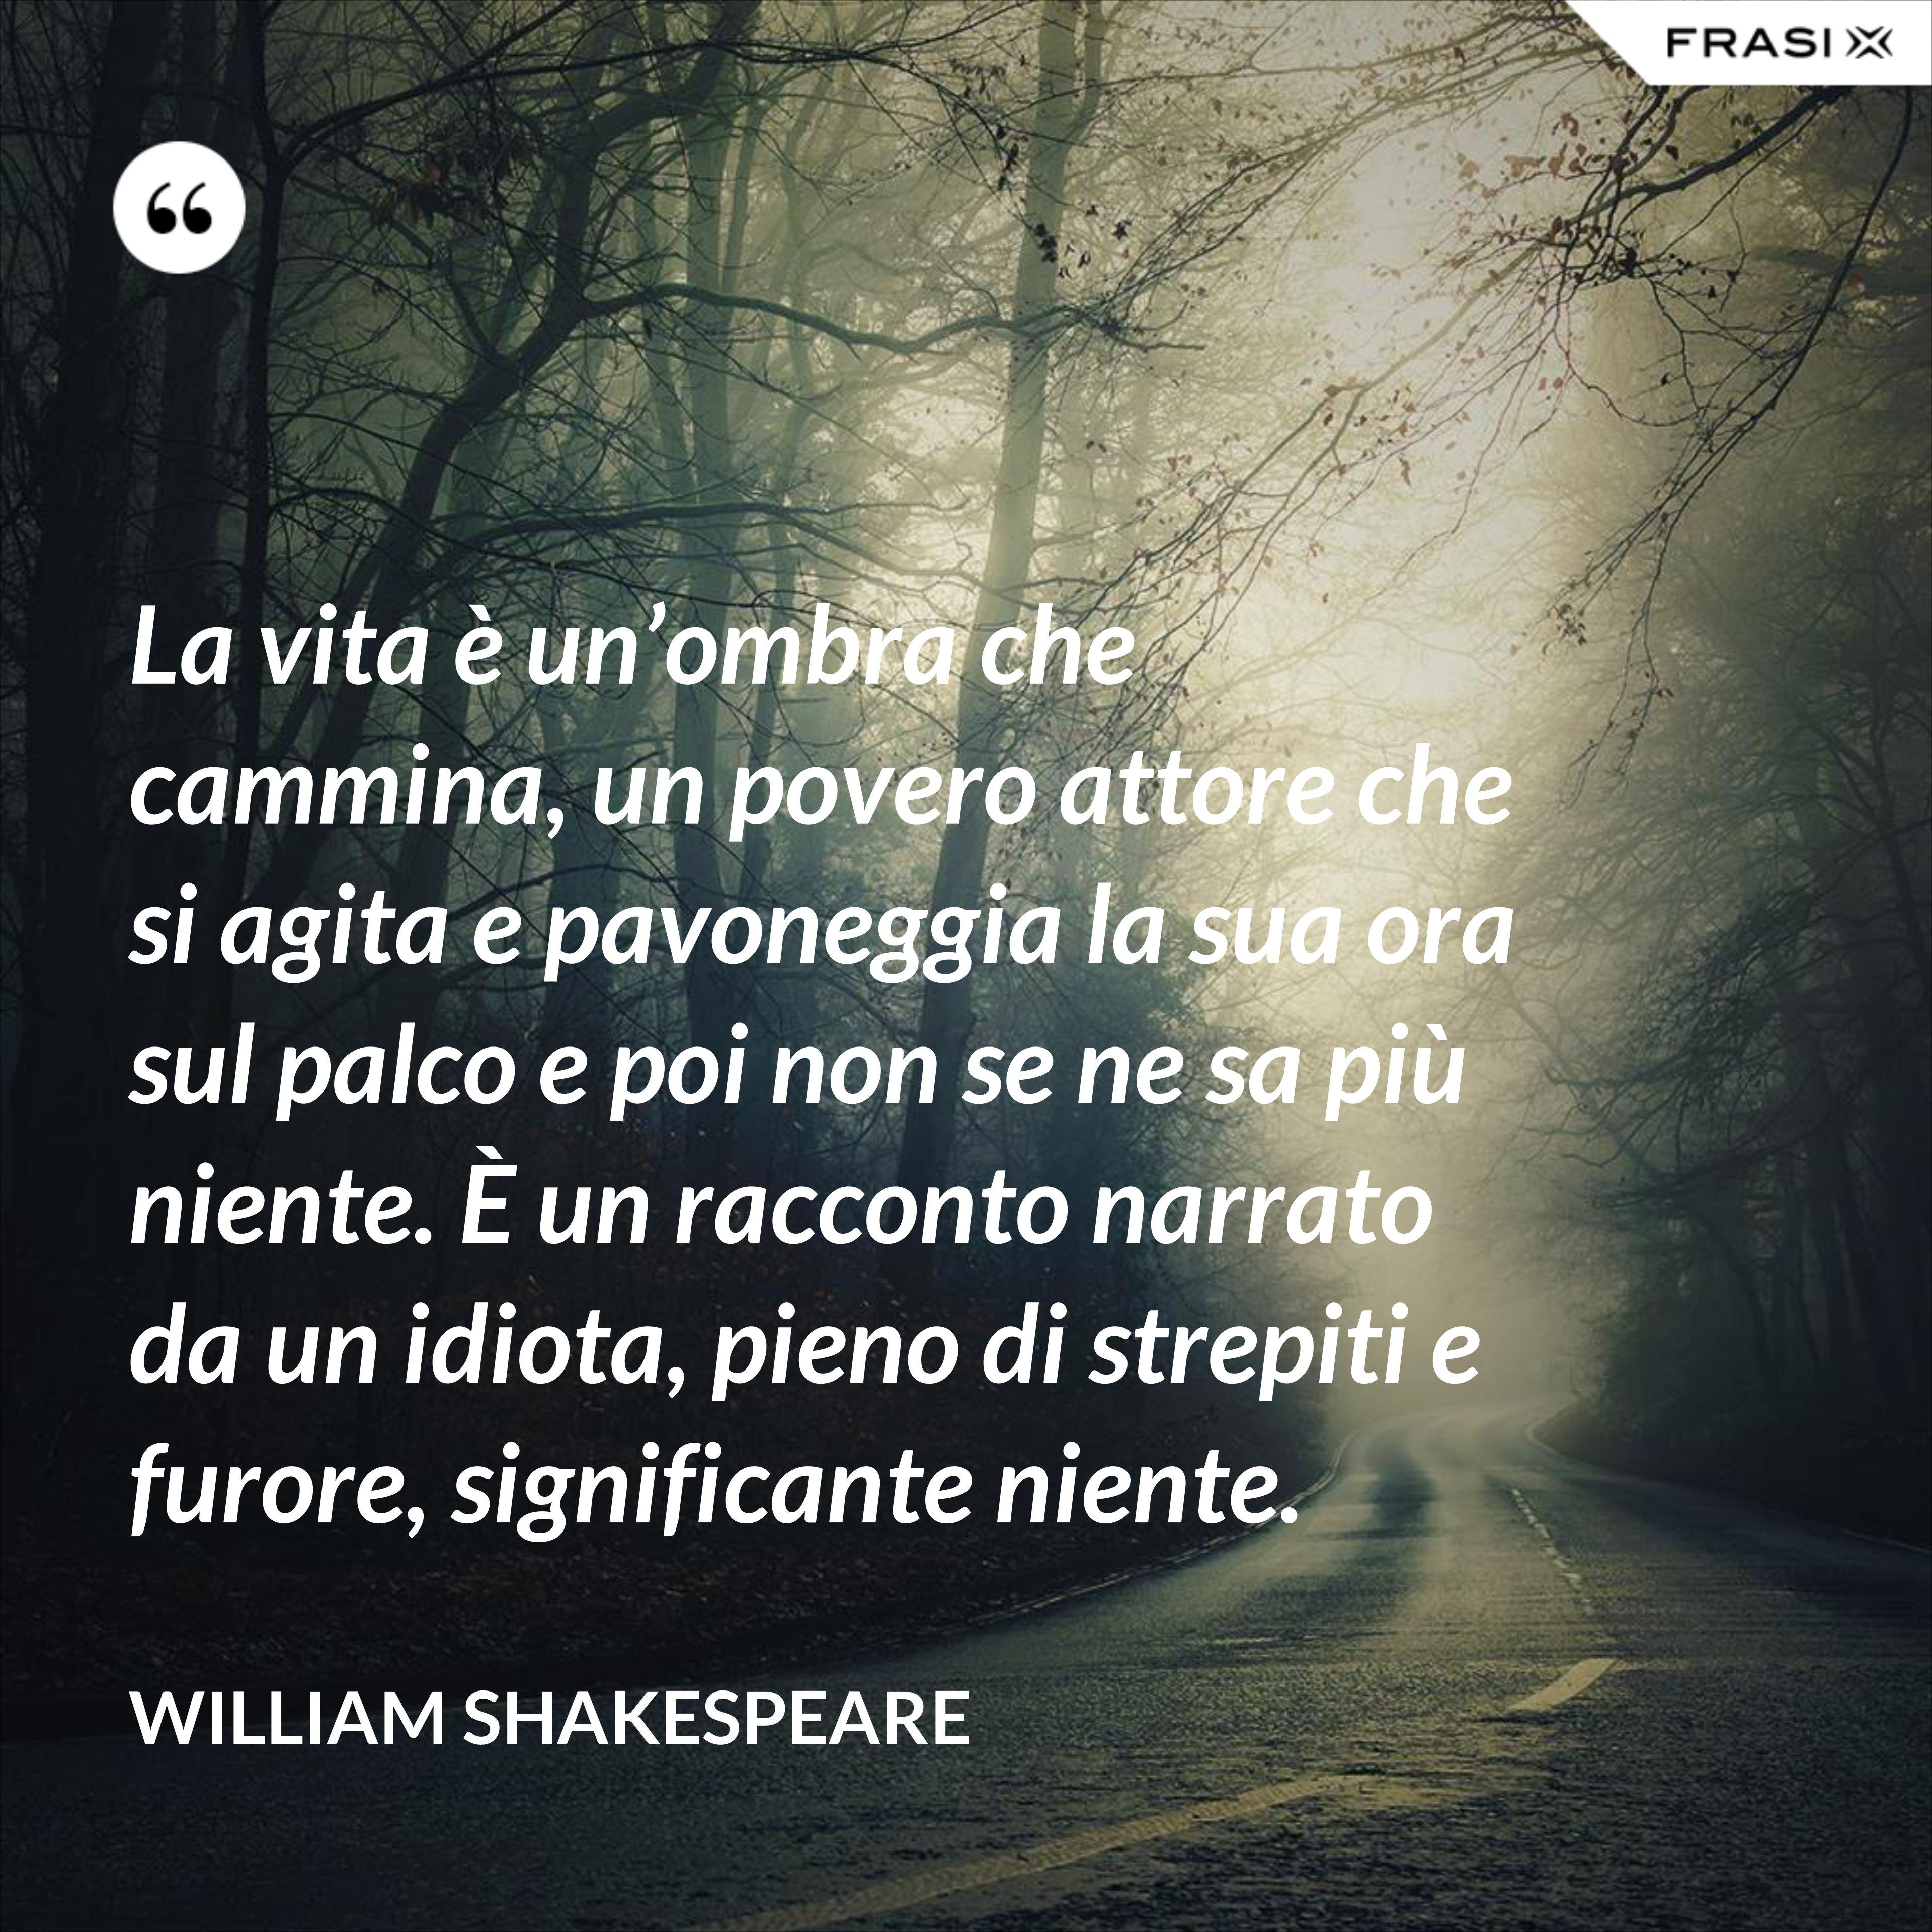 La vita è un'ombra che cammina, un povero attore che si agita e pavoneggia la sua ora sul palco e poi non se ne sa più niente. È un racconto narrato da un idiota, pieno di strepiti e furore, significante niente. - William Shakespeare